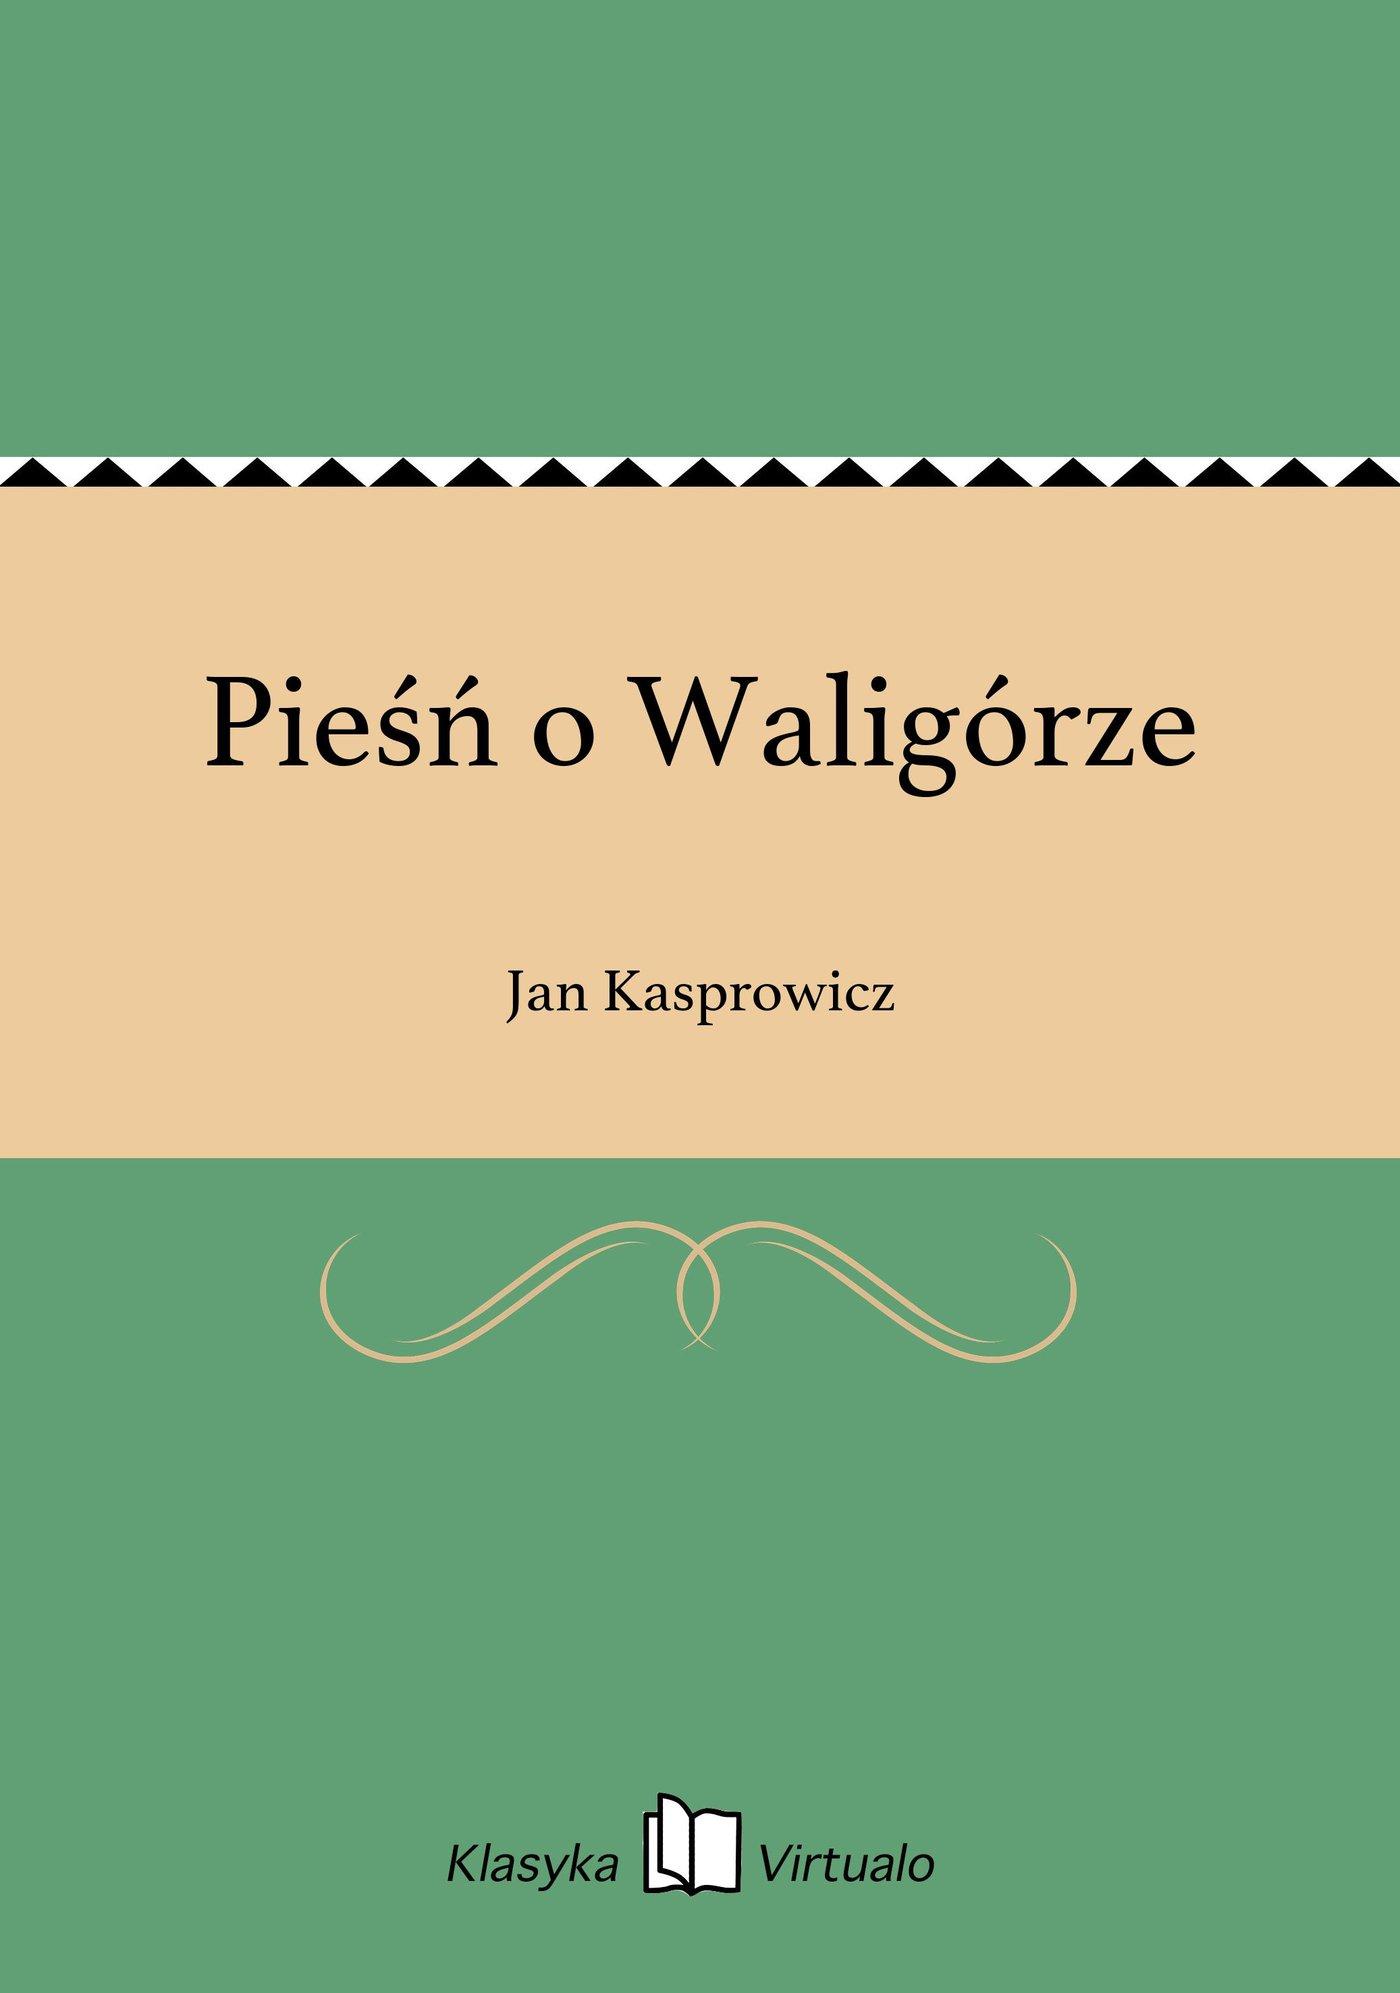 Pieśń o Waligórze - Ebook (Książka EPUB) do pobrania w formacie EPUB